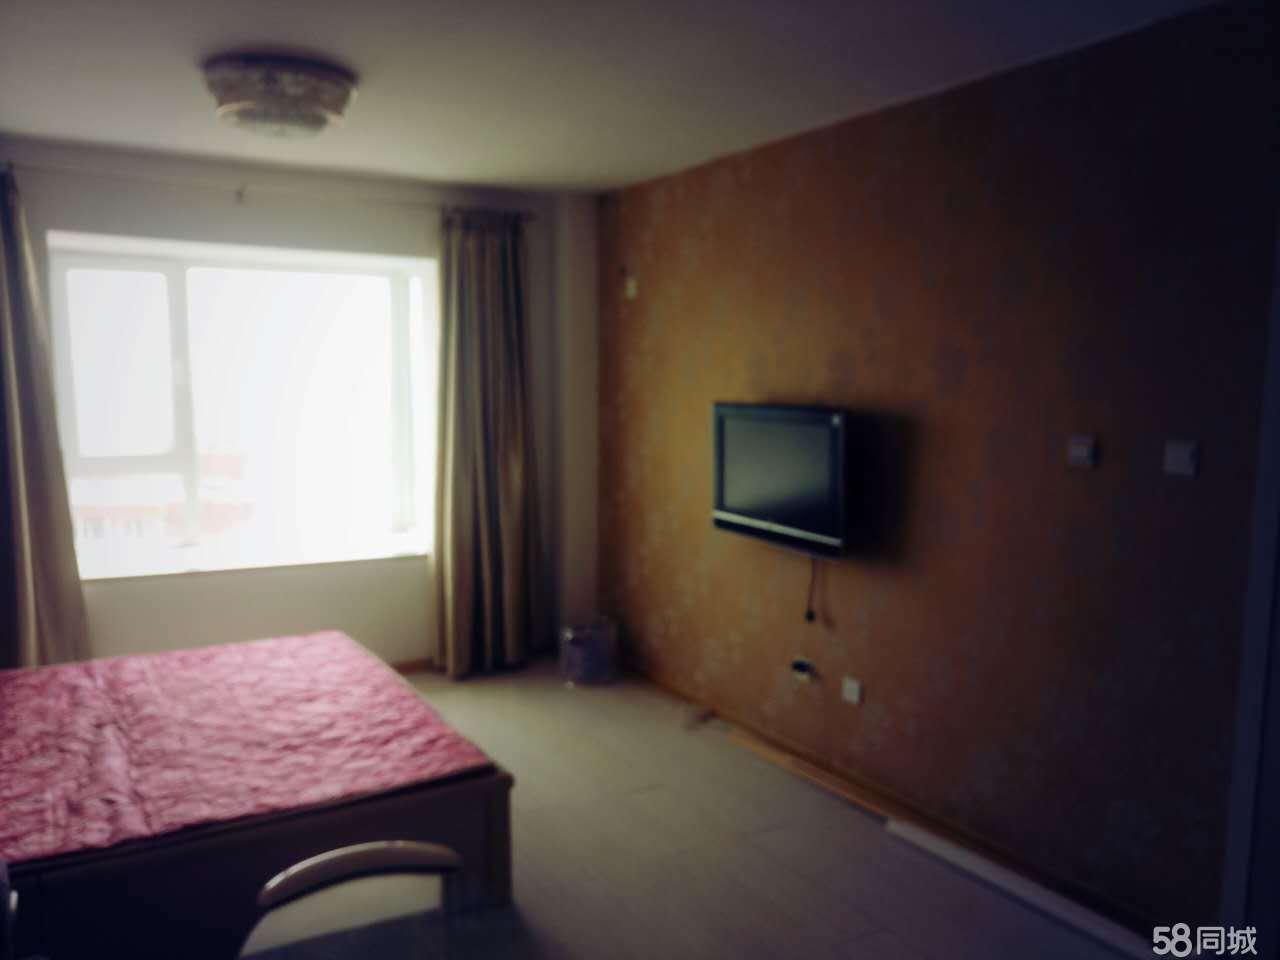 滨河金汇广厦高层蔷薇之恋主题公寓